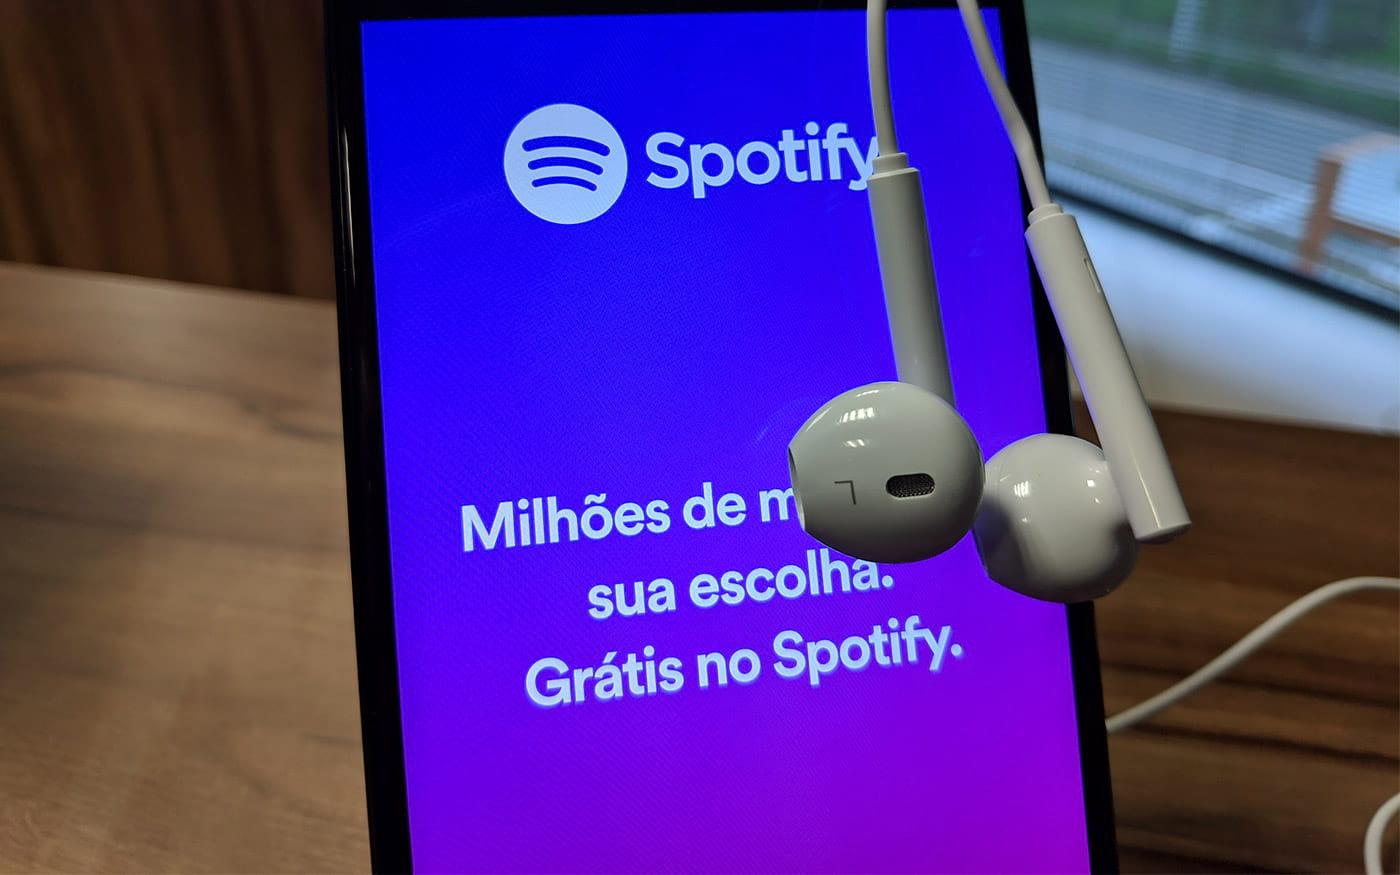 7 Dicas para tirar melhor proveito do Spotify